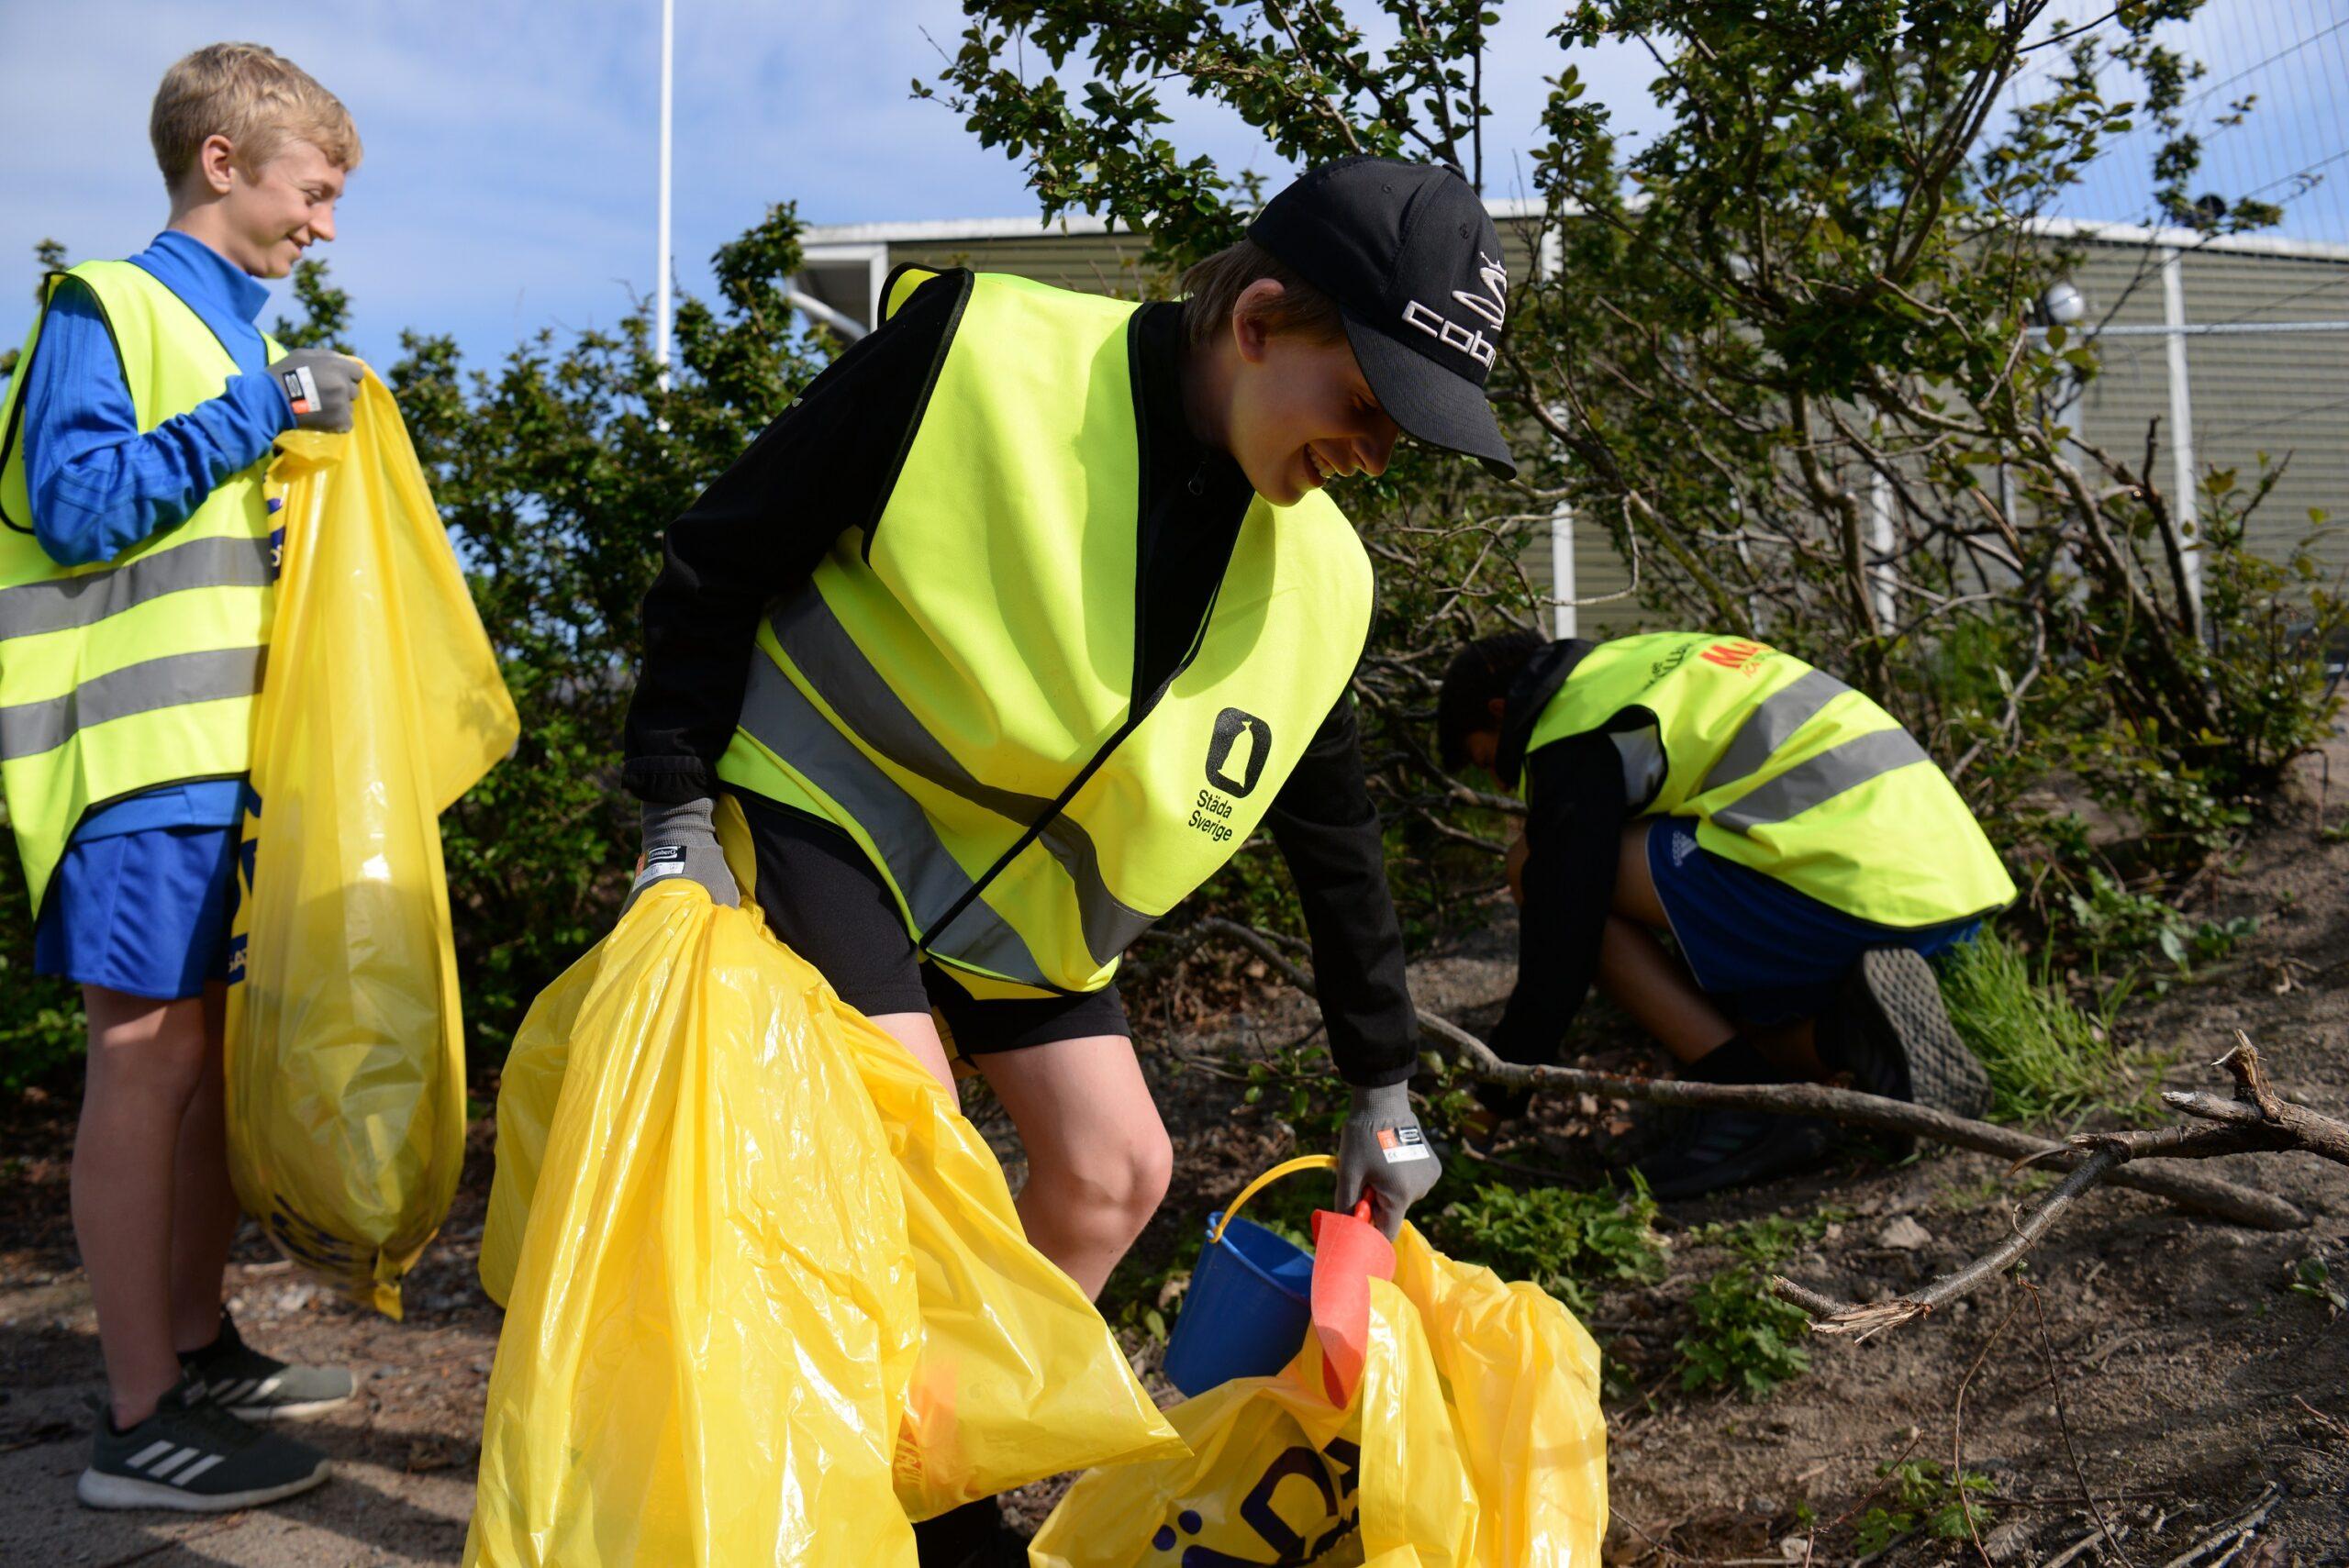 Idrottsungdomar och ICA Maxi tar ansvar för miljön i Örebro